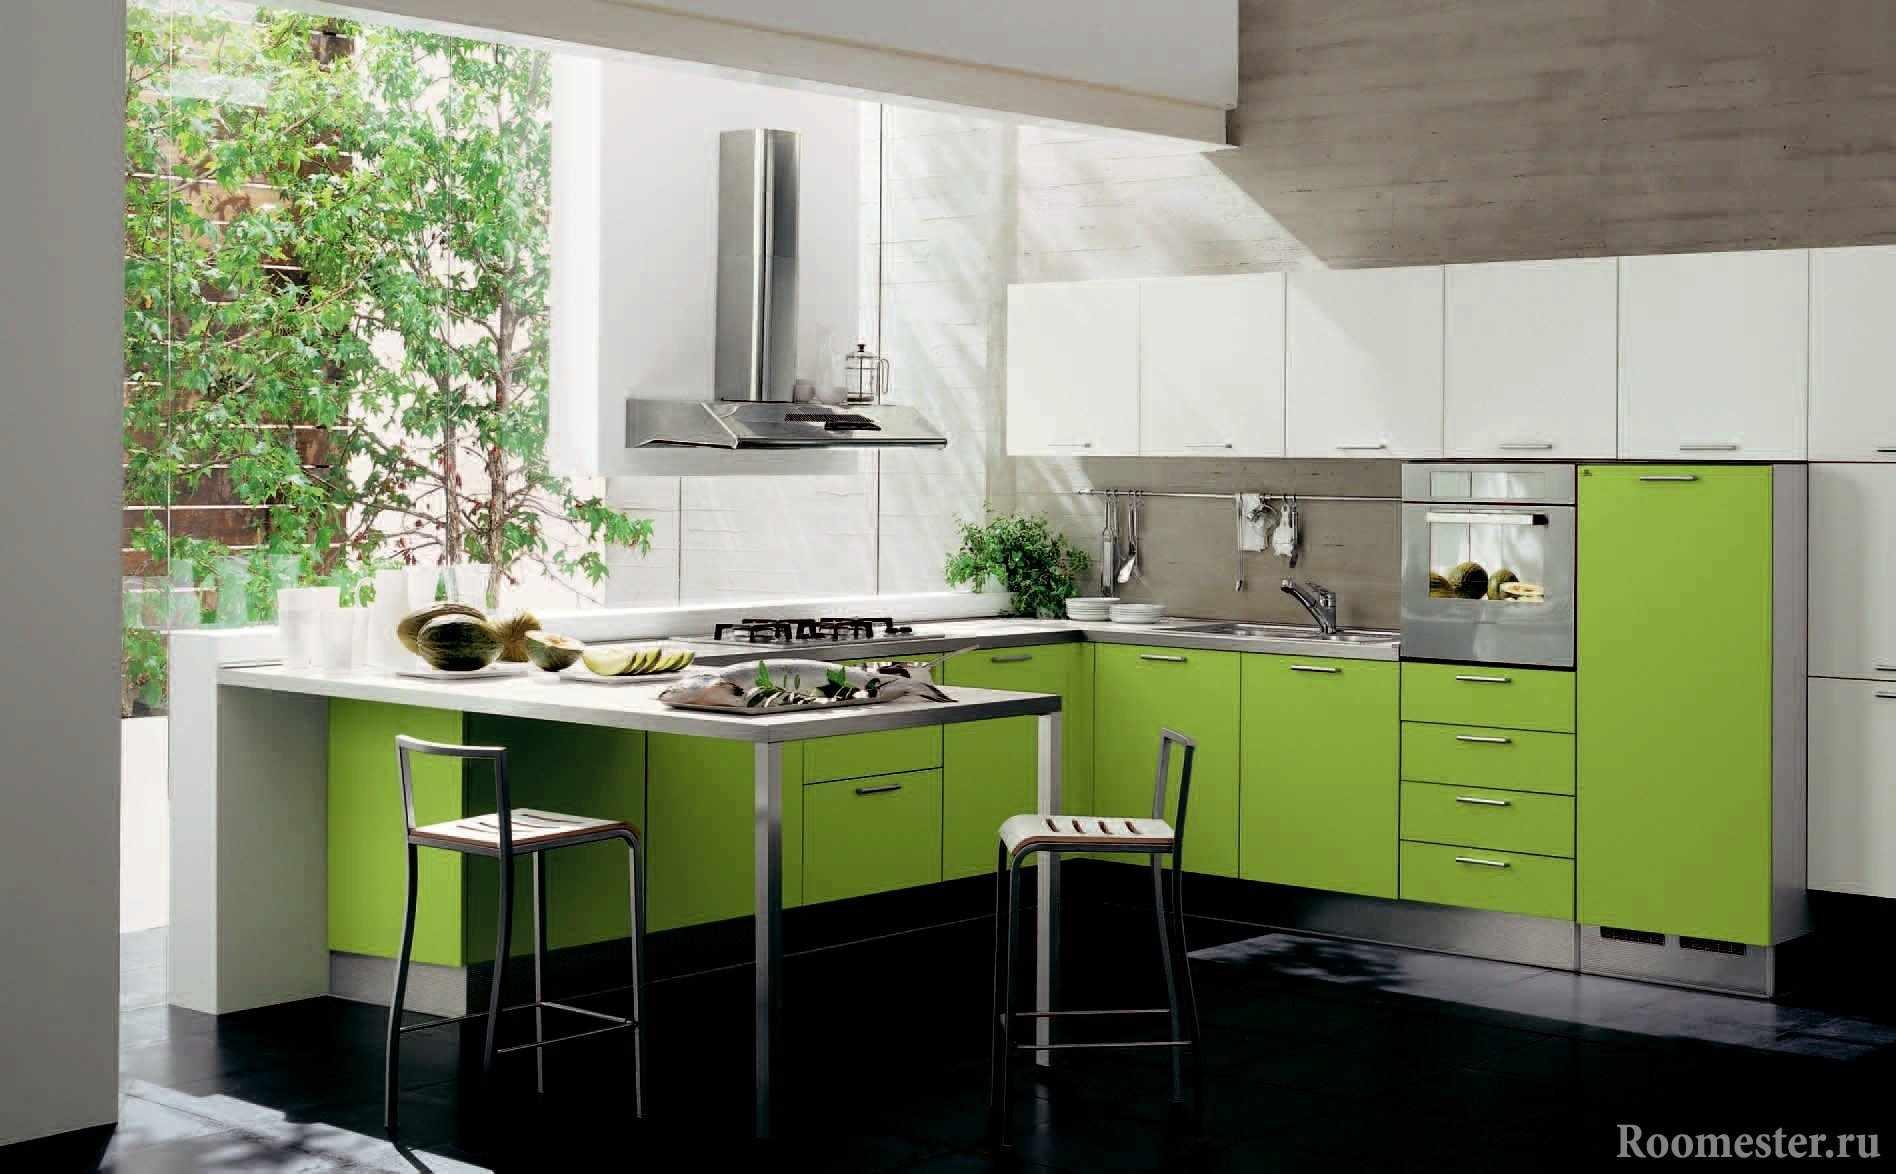 Кухня с панорамной стеной из стекла